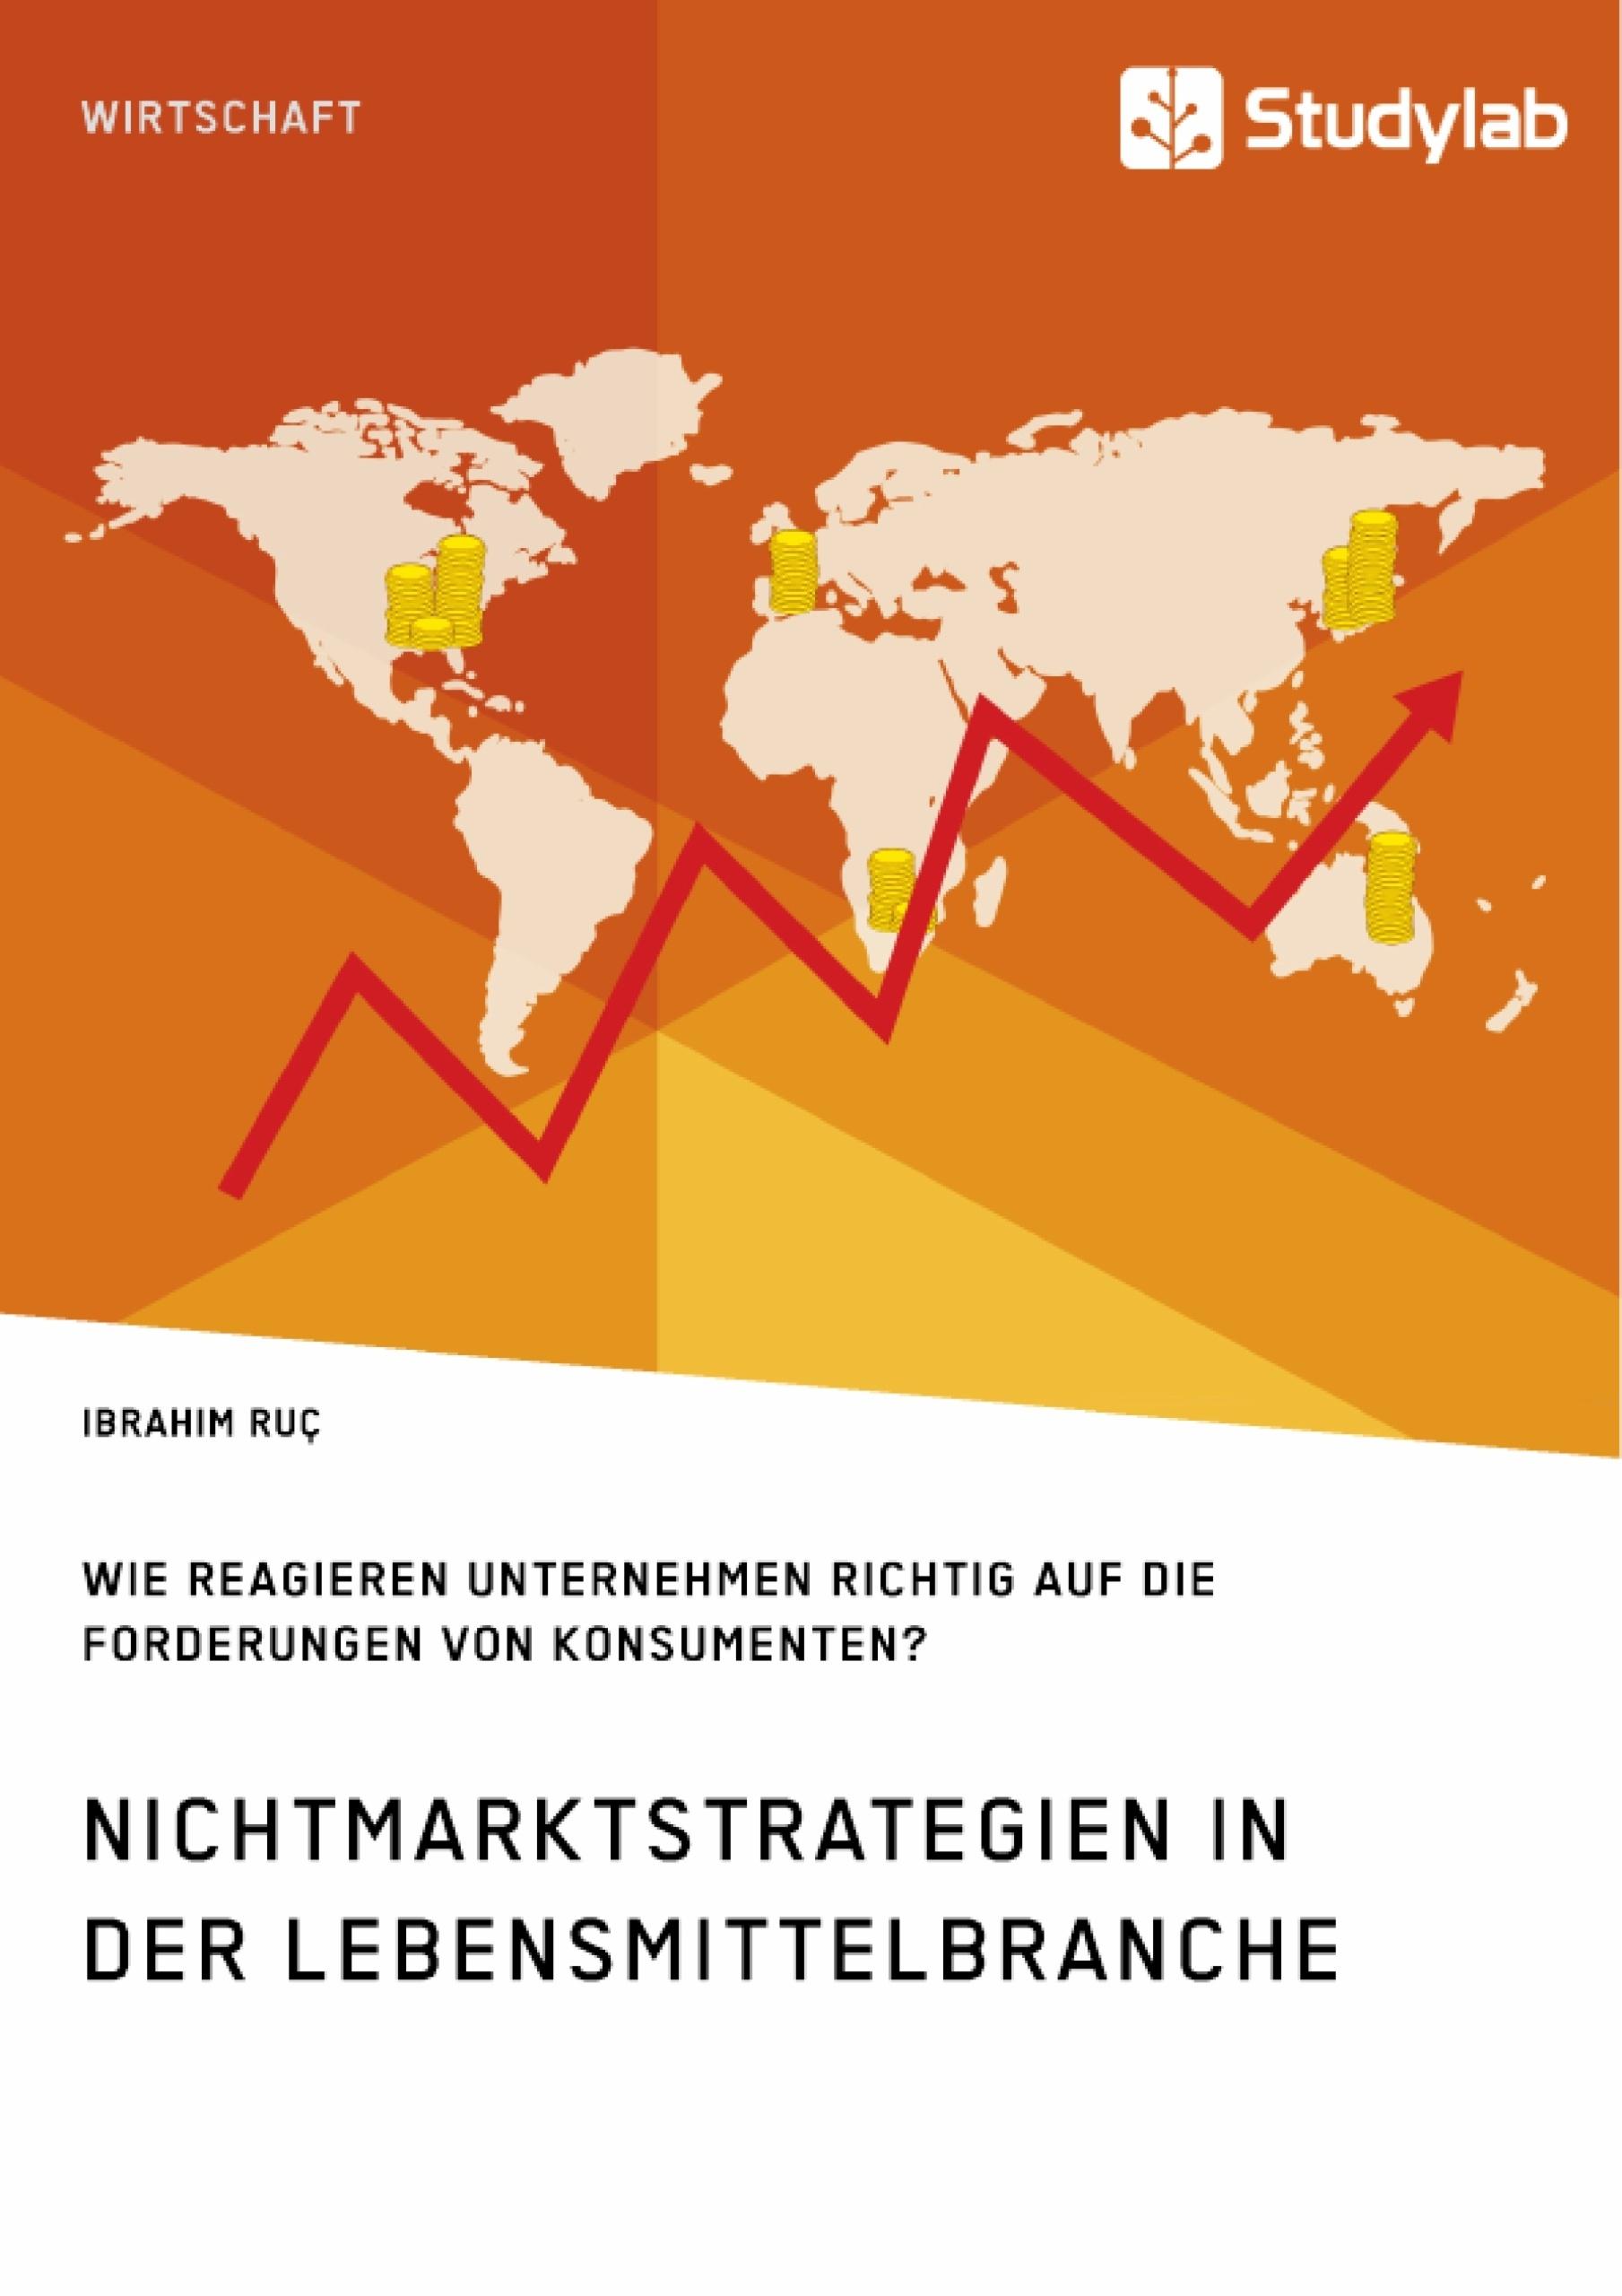 Titel: Nichtmarktstrategien in der Lebensmittelbranche. Wie reagieren Unternehmen richtig auf die Forderungen von Konsumenten?